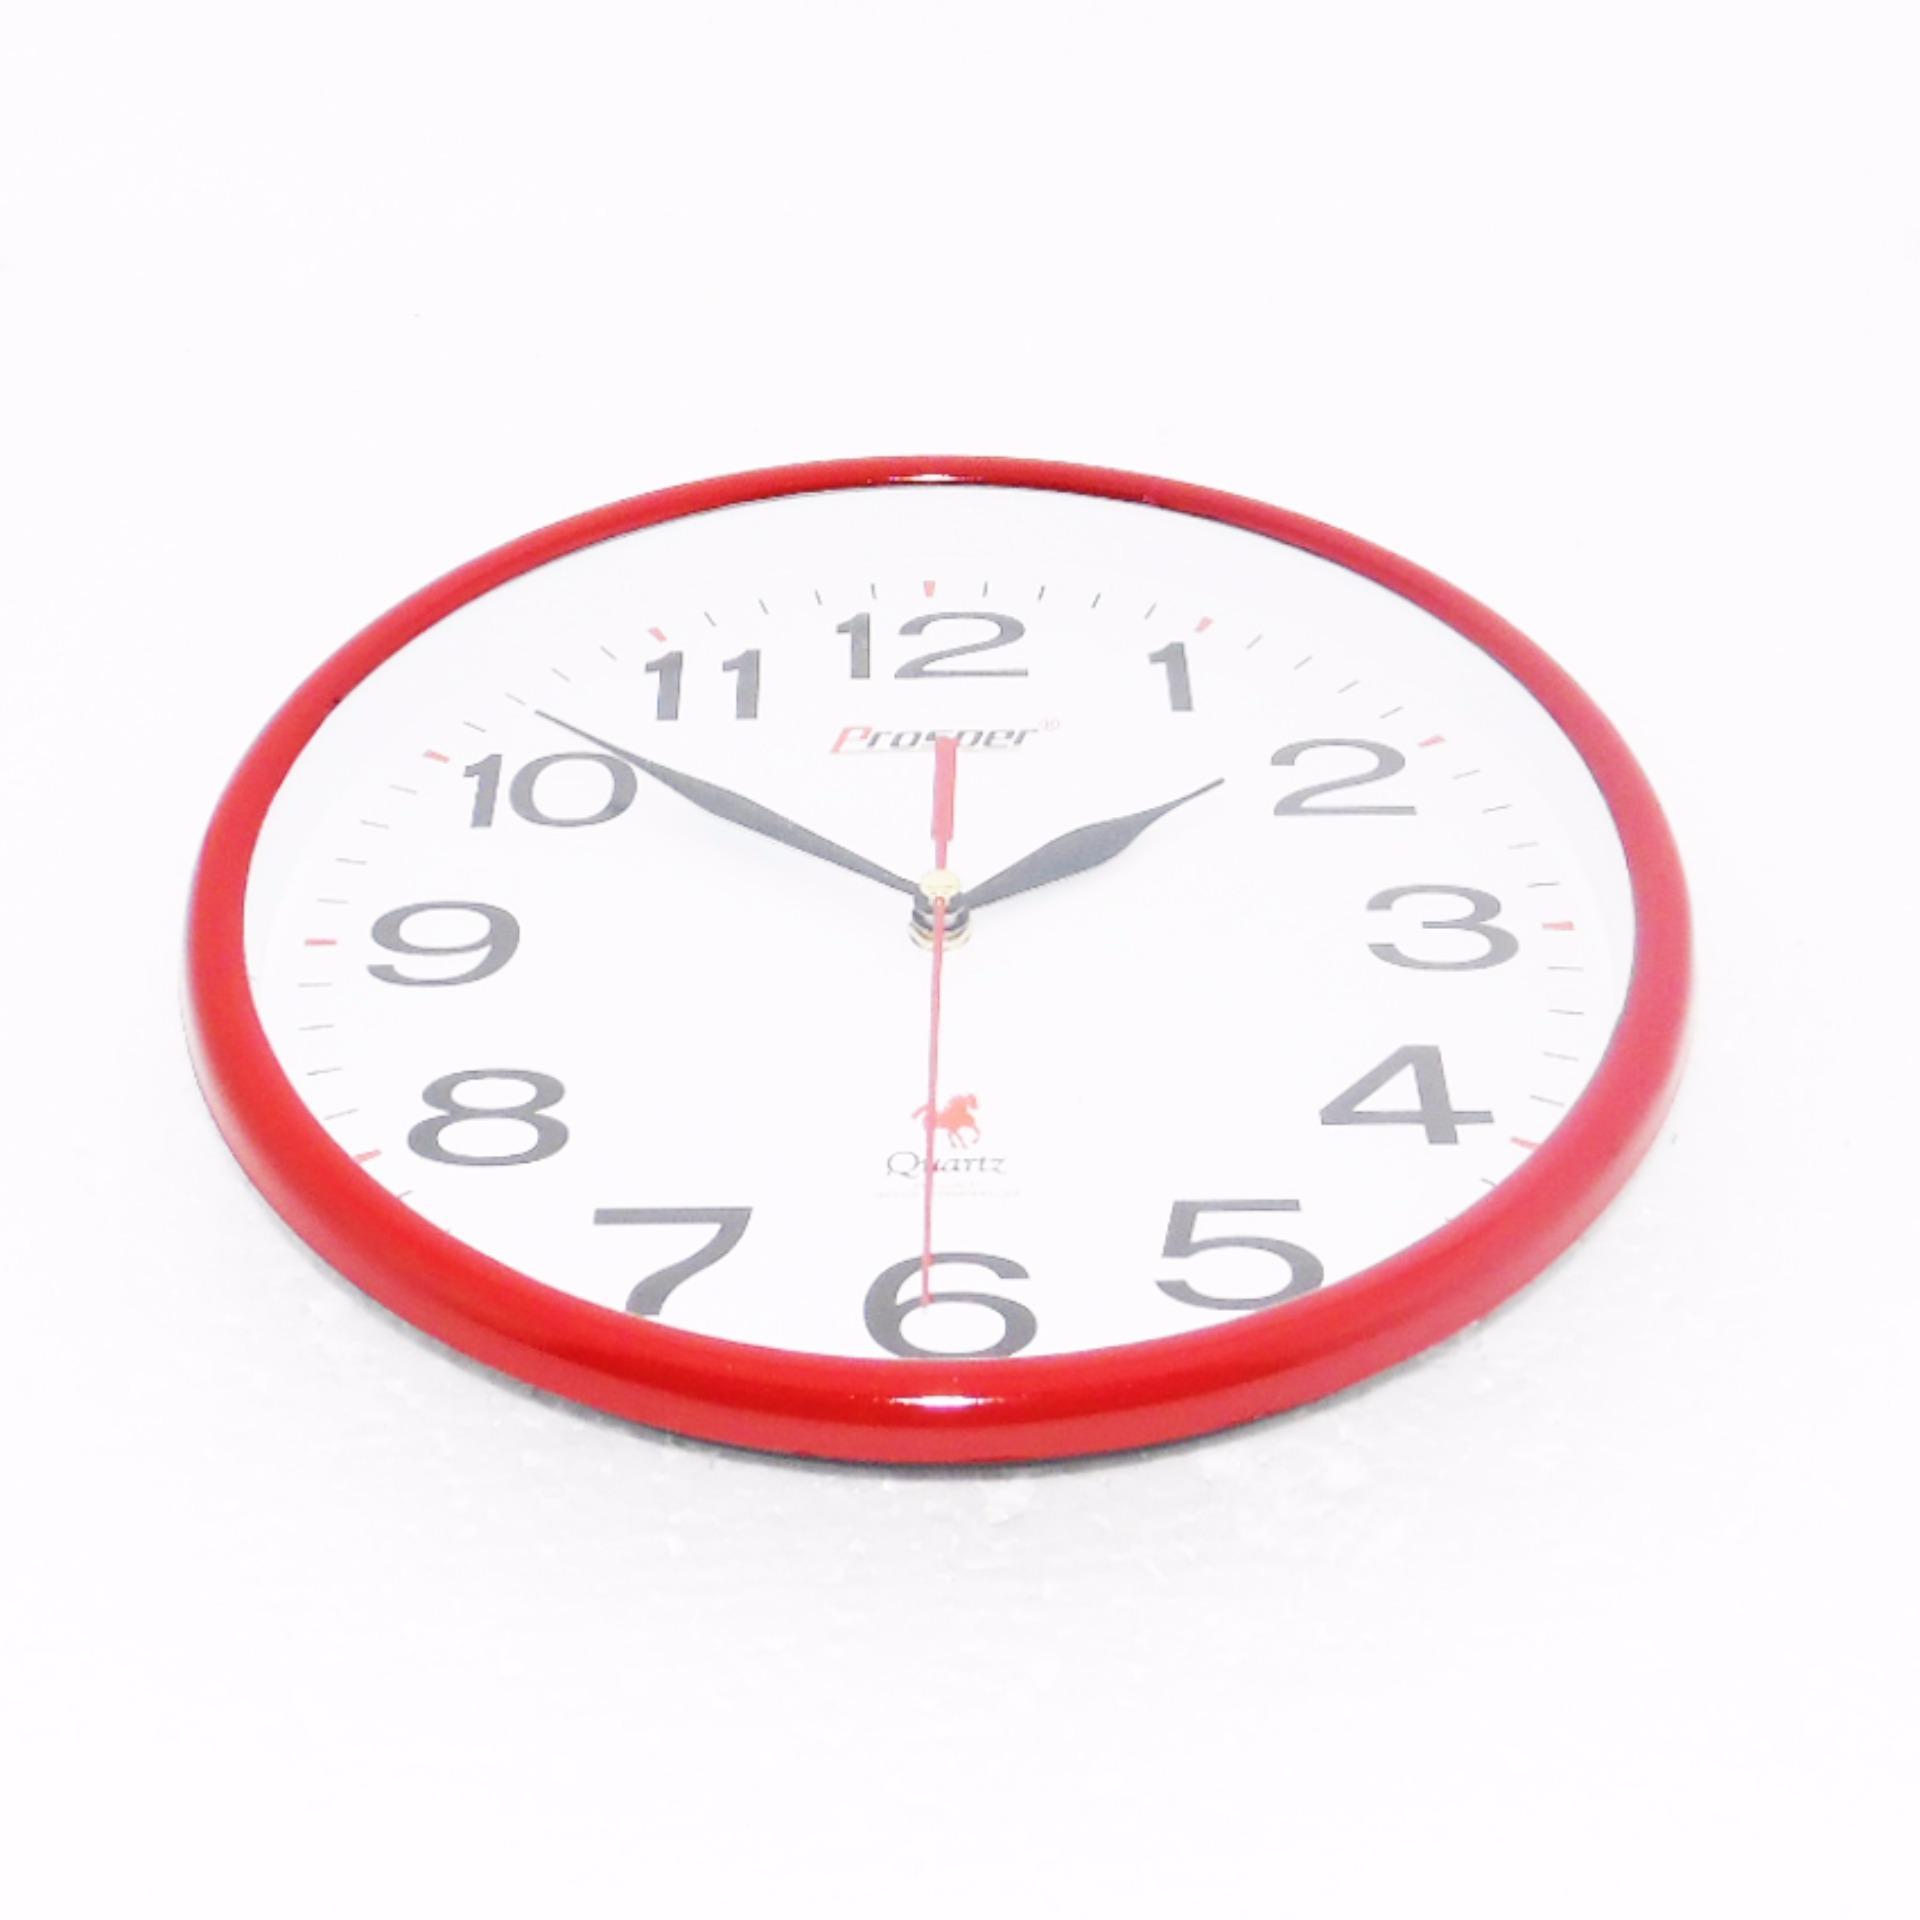 Đồng hồ treo tường PS P1 giao màu ngẫu nhiên